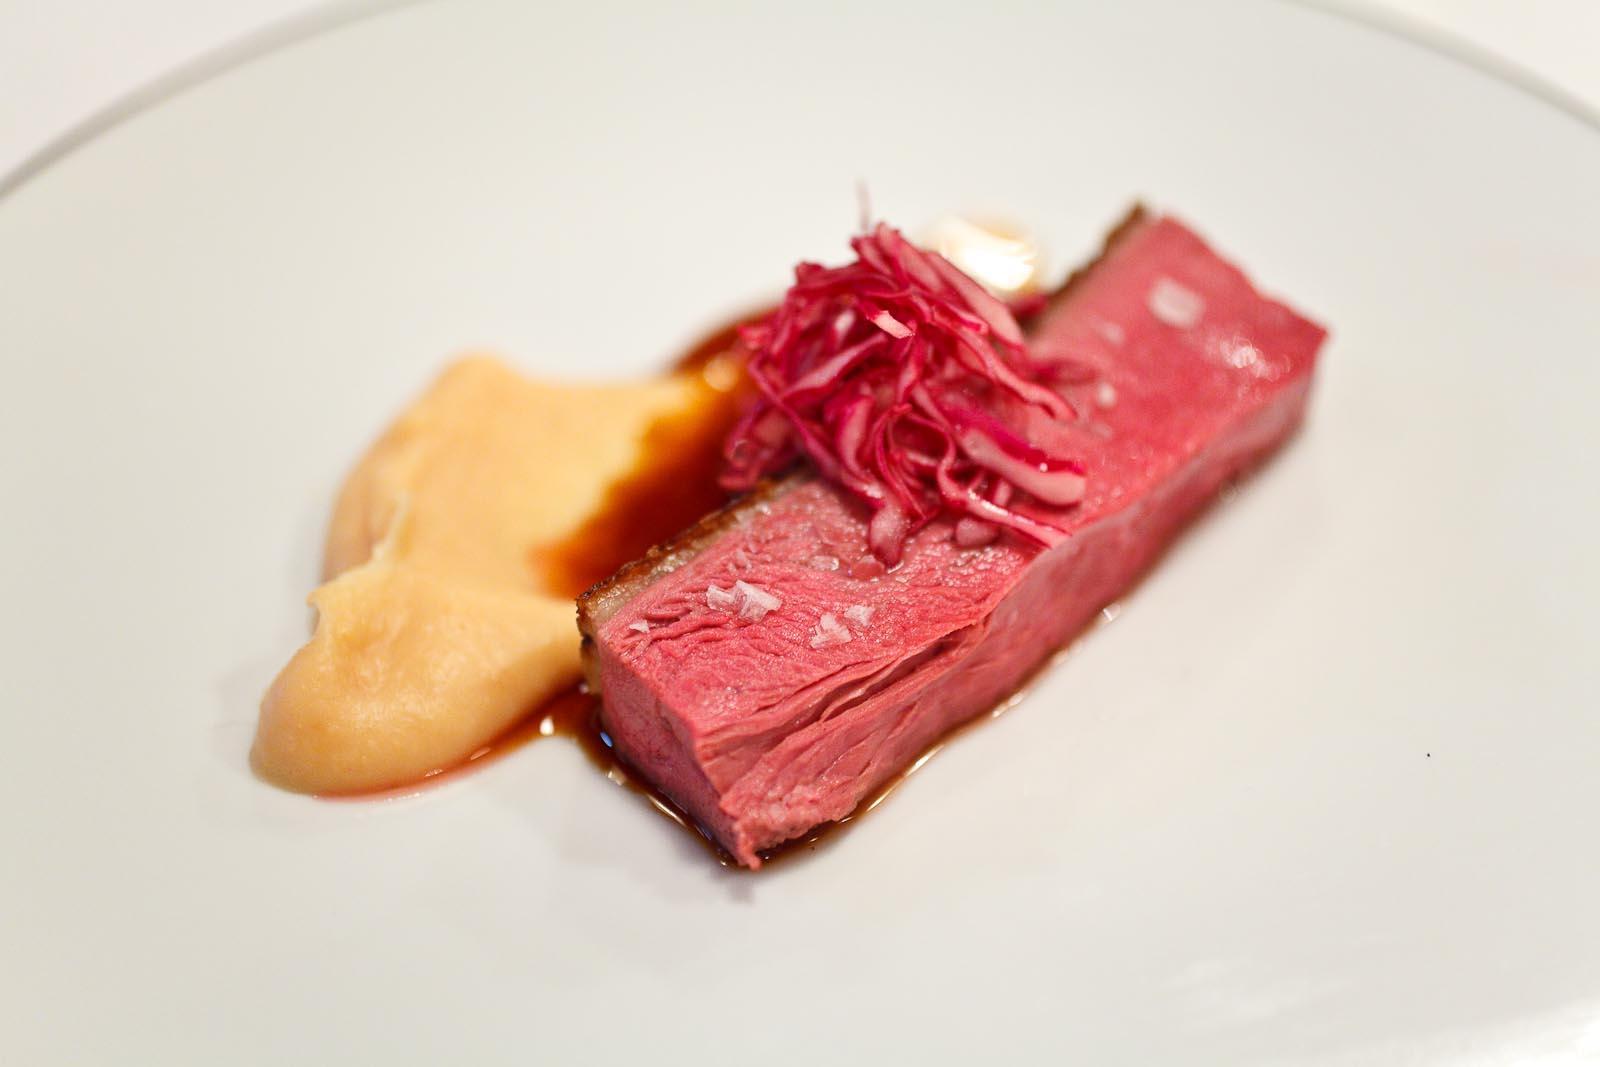 L'Agapé - Canard mallard de Landes - Chou-rouge, purée de coing, jus cuisson parfumé avec vinaigre fumé